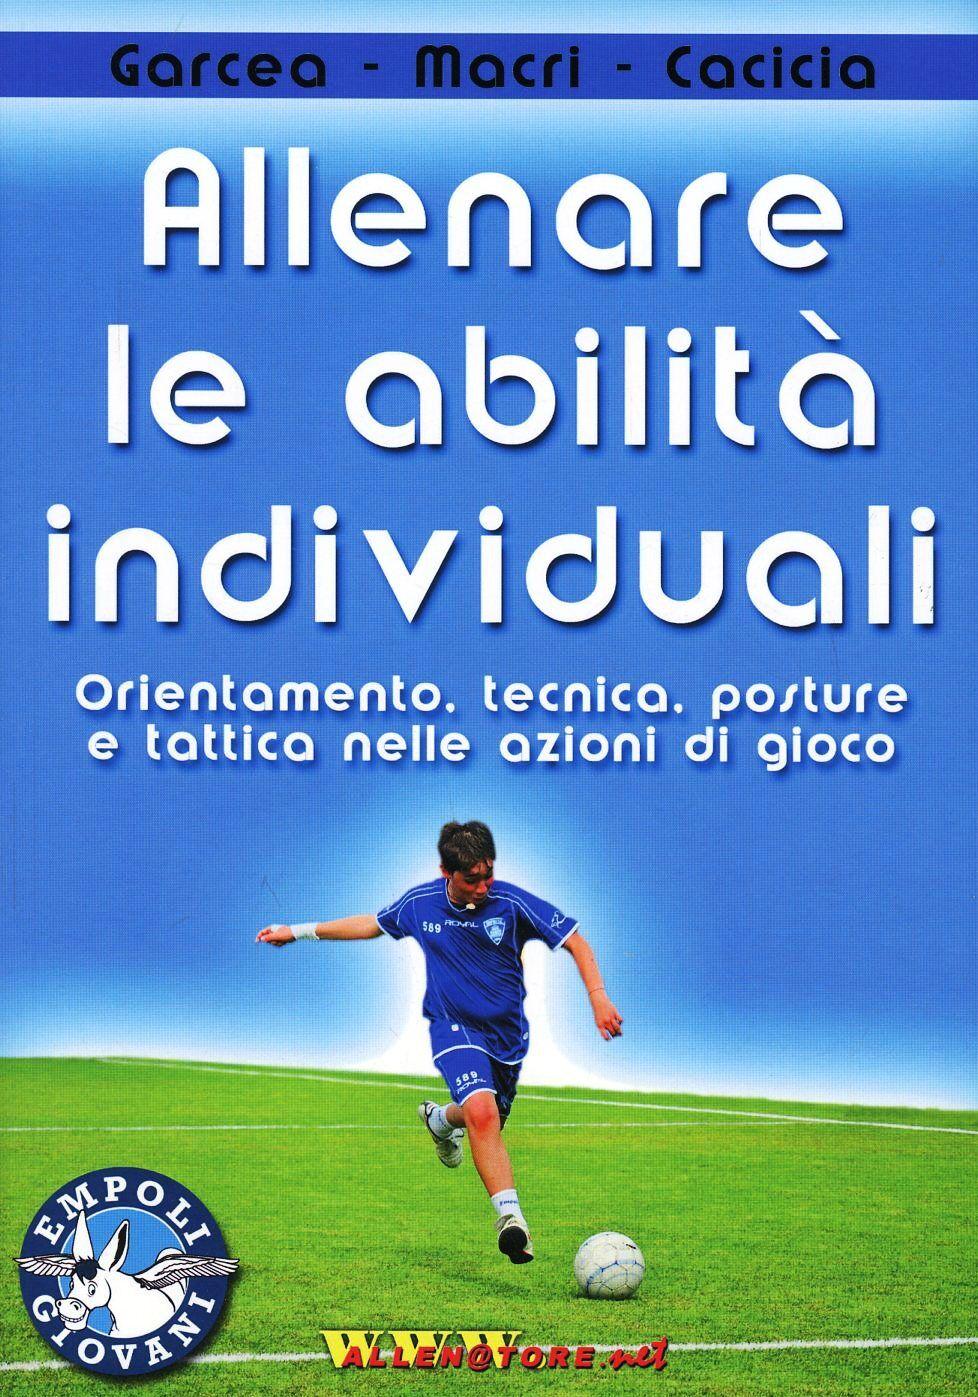 Allenare le abilità individuali. Orientamento, tecnica, posture e tattica nelle azioni di gioco. Con DVD